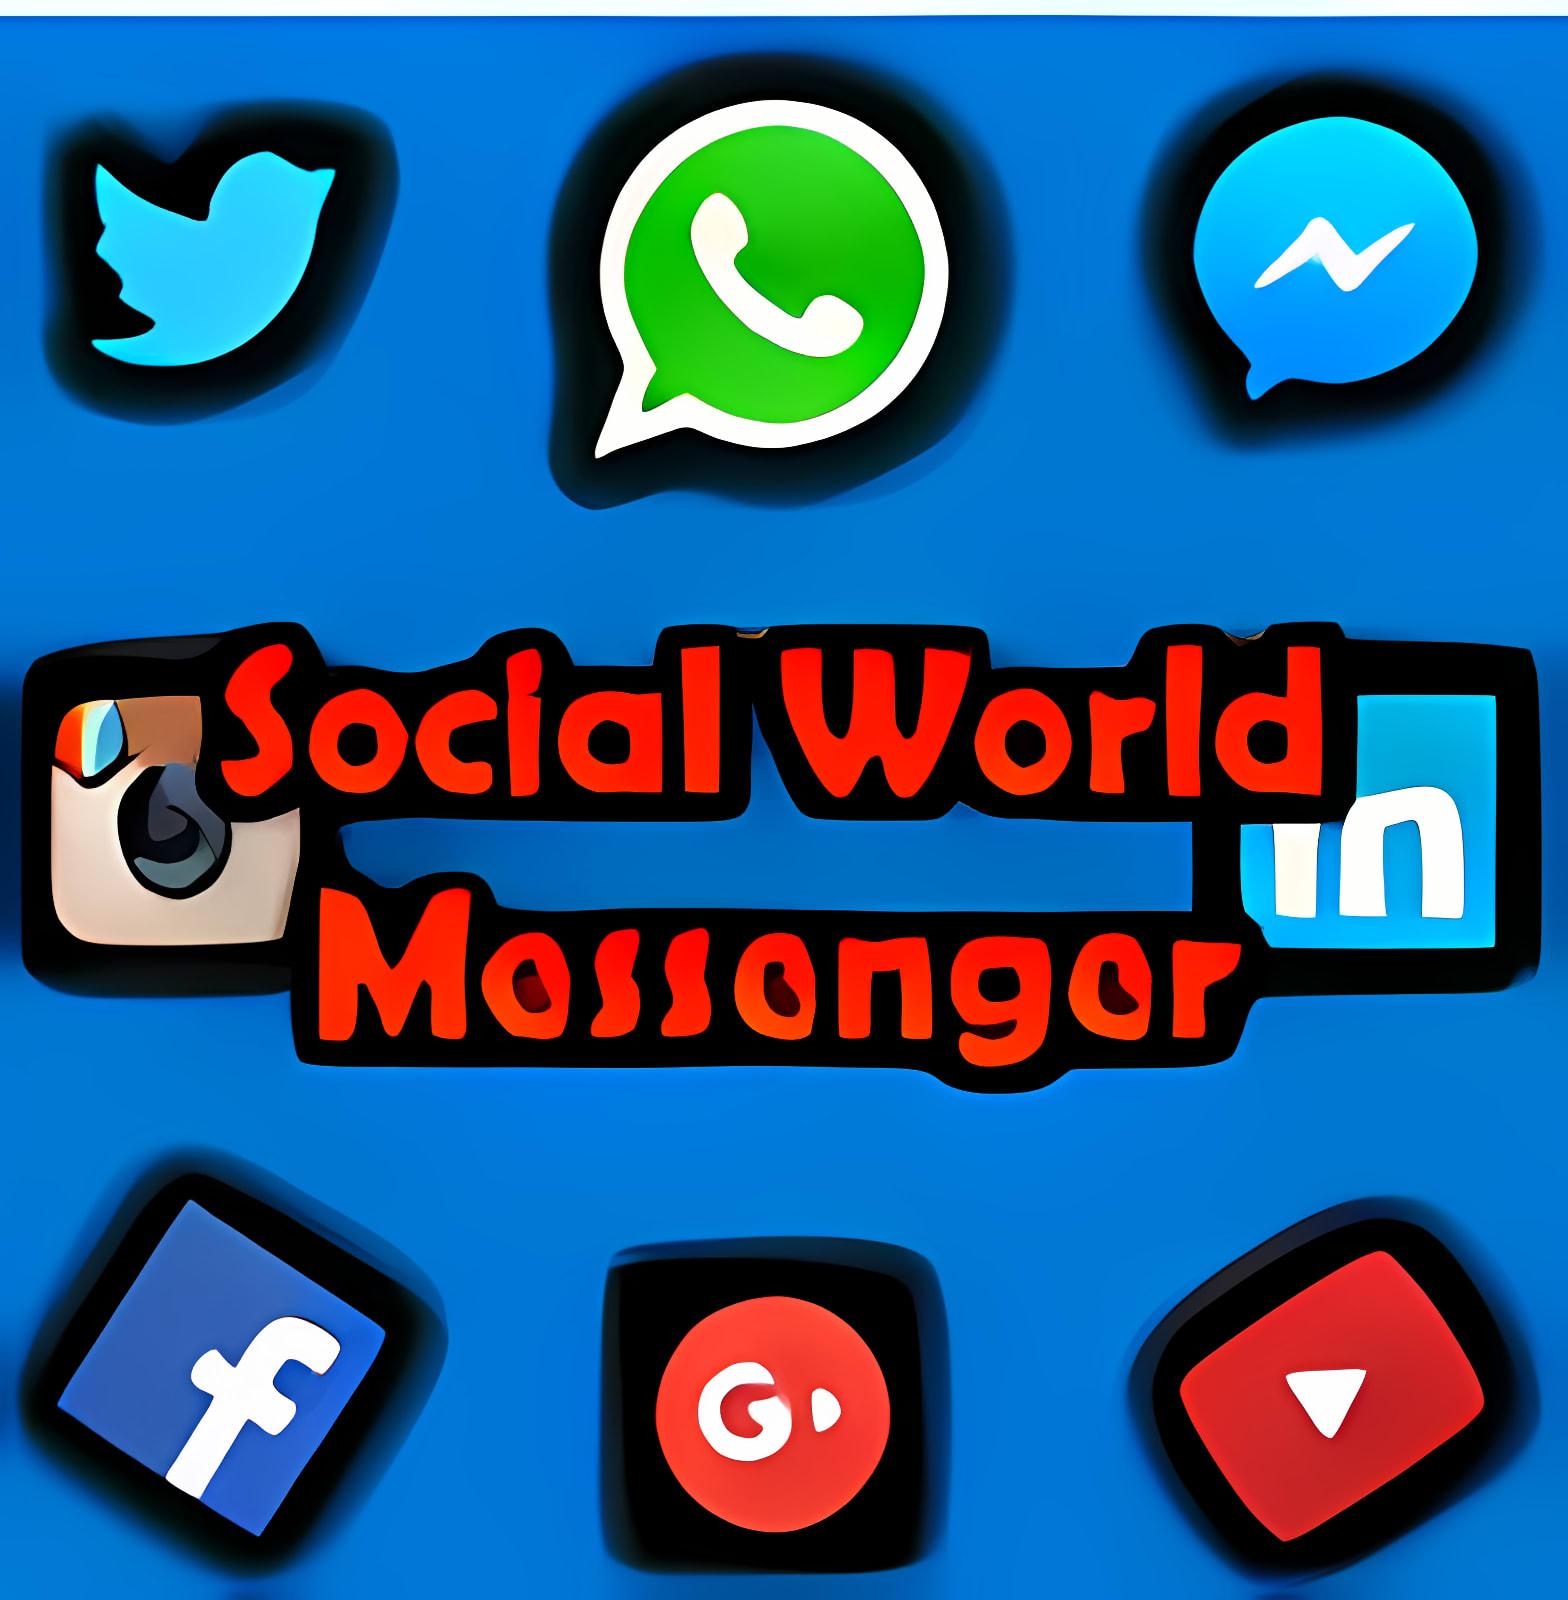 Social World Messenger